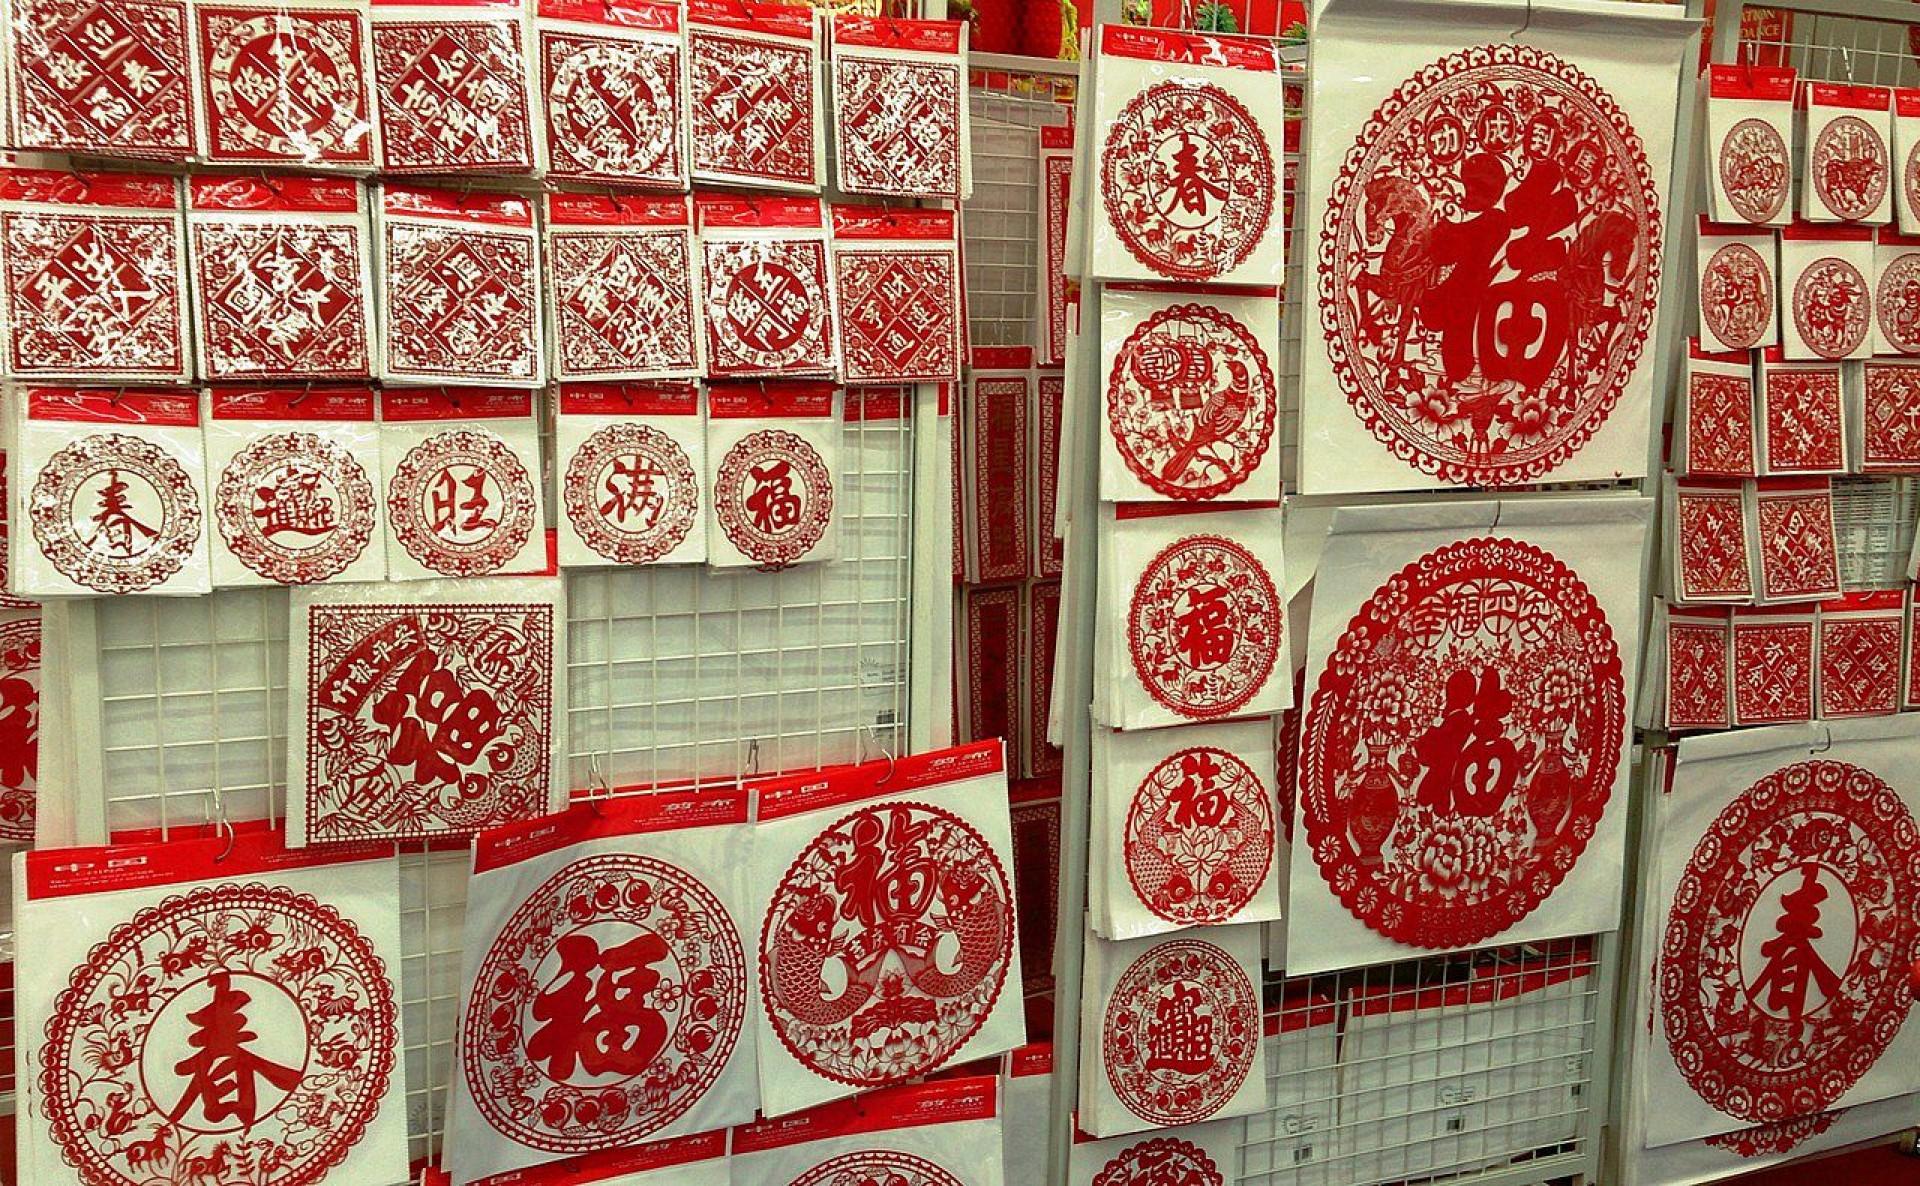 002 Unusual Chinese Paper Cut Template High Def  Templates Zodiac1920